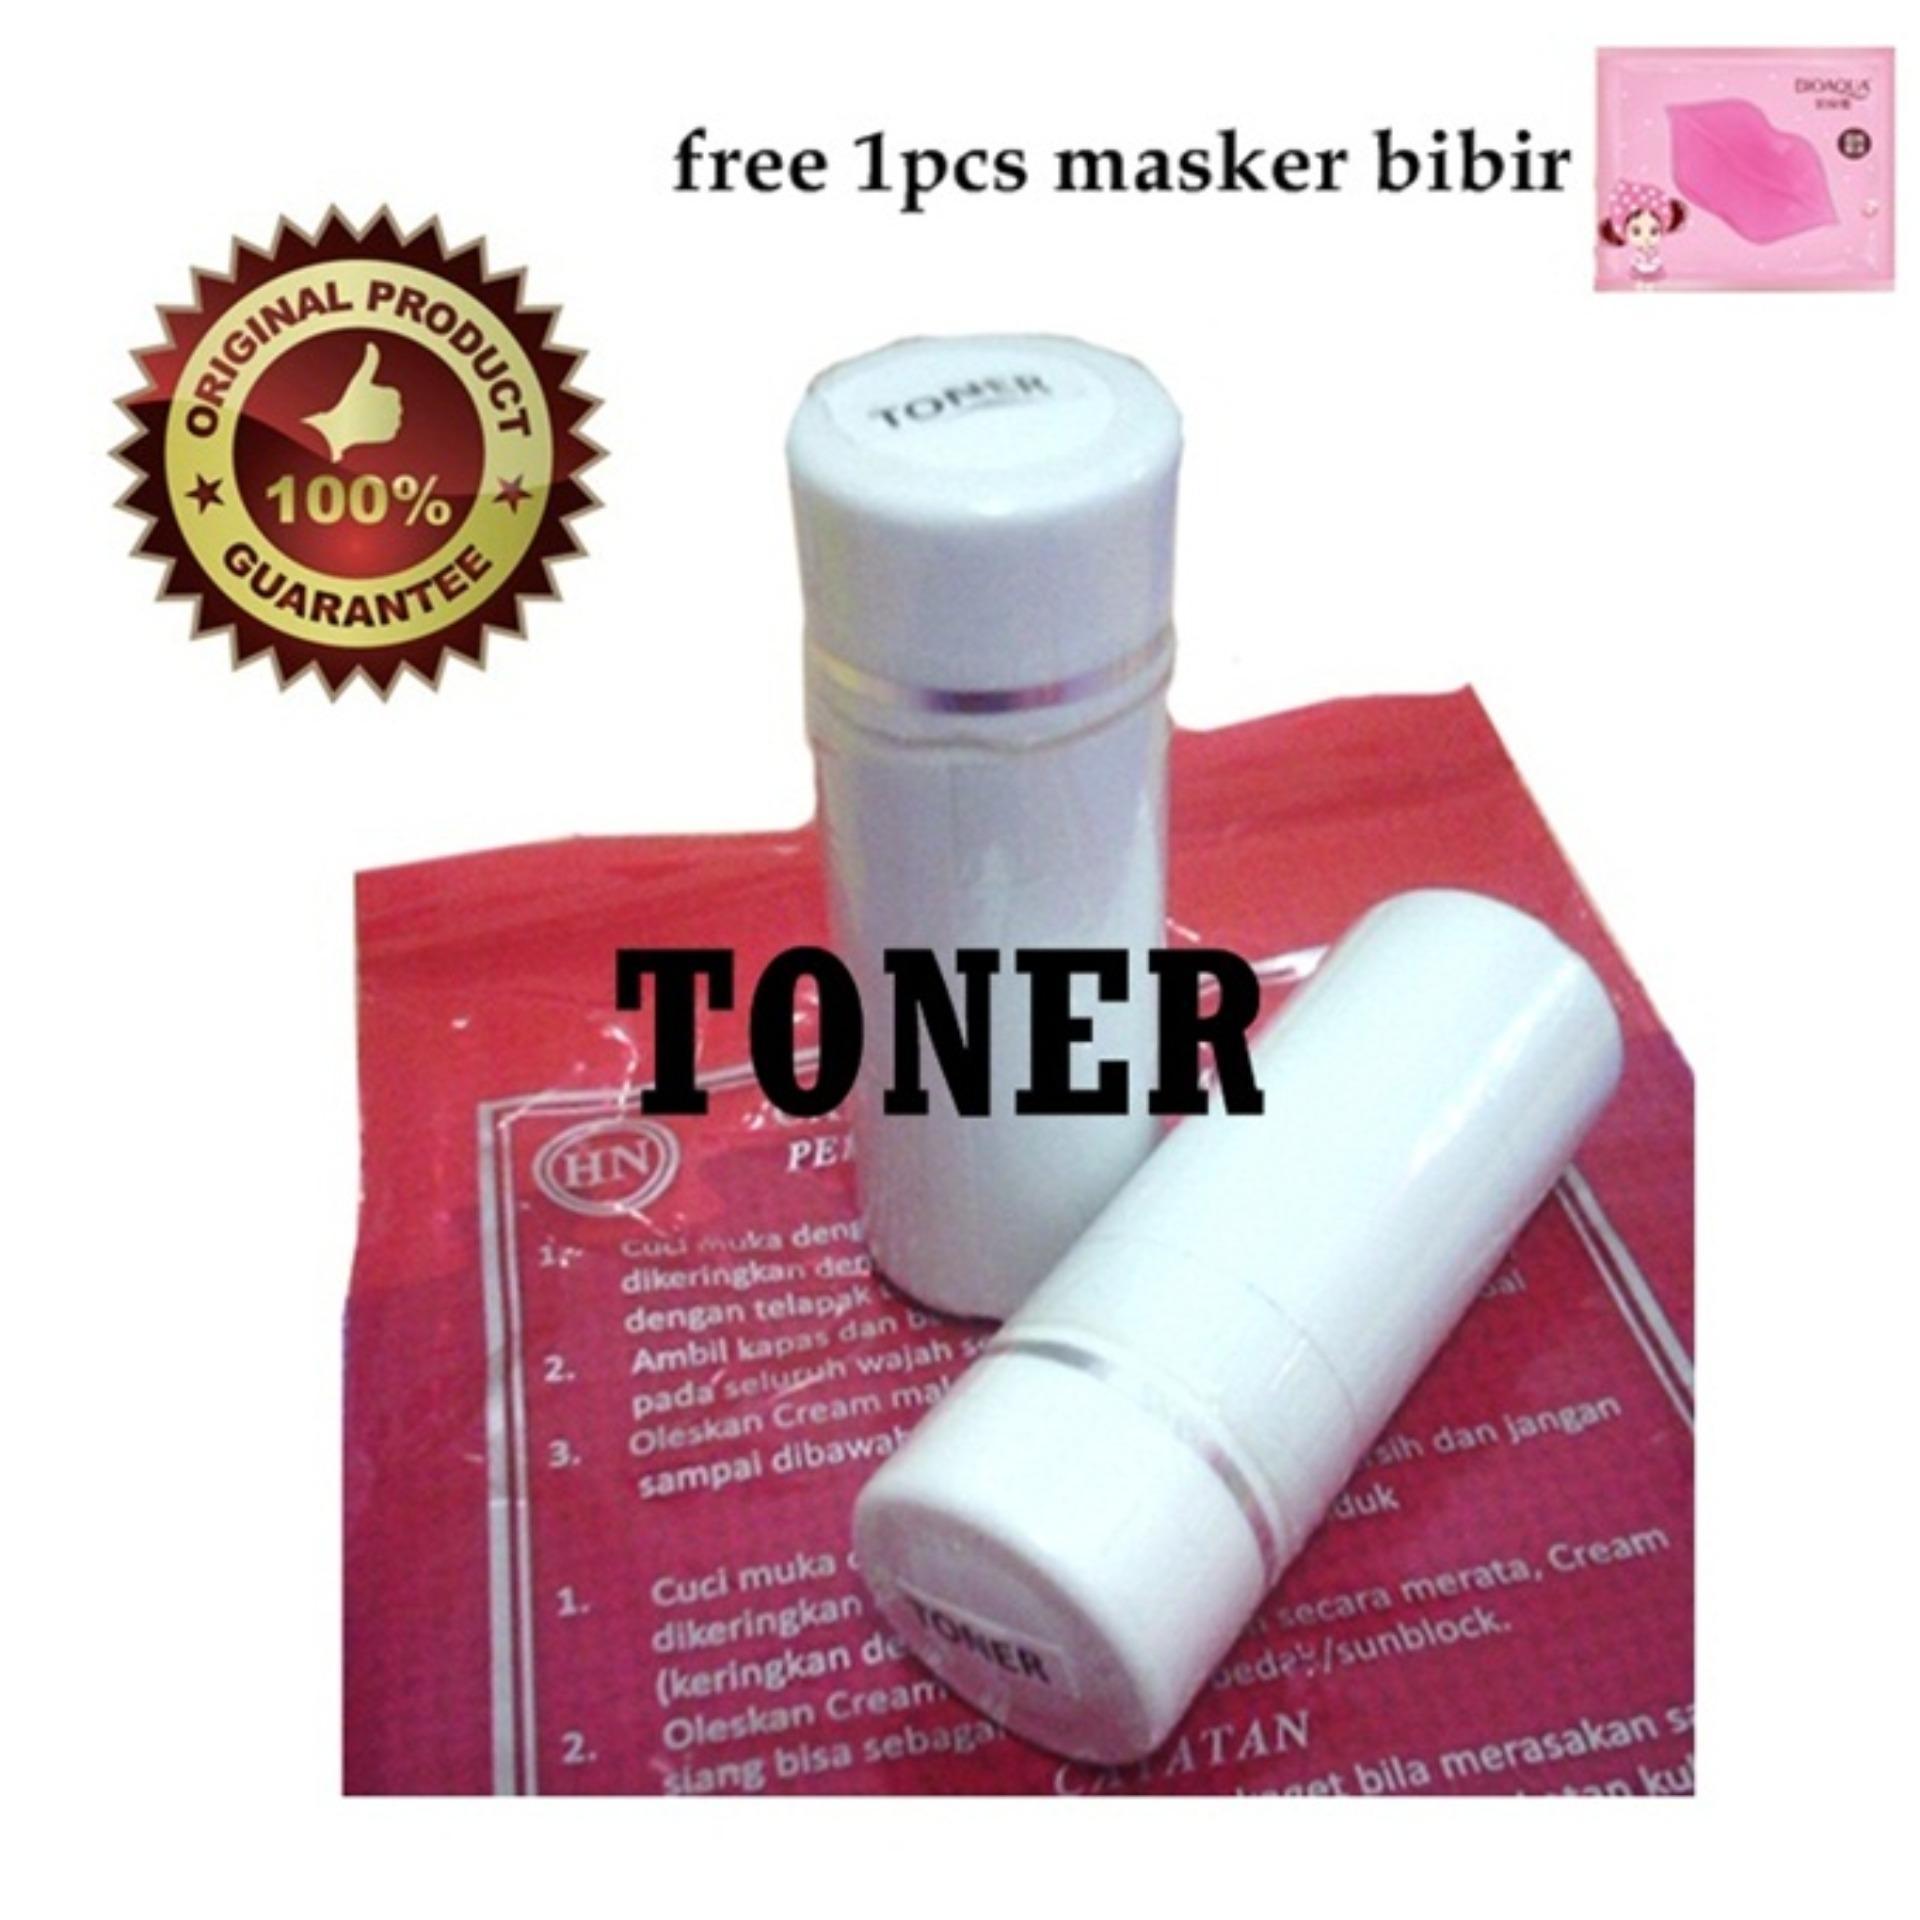 Harga Hn Sabun Besar Saja Ori Free Masker Bibir Toner